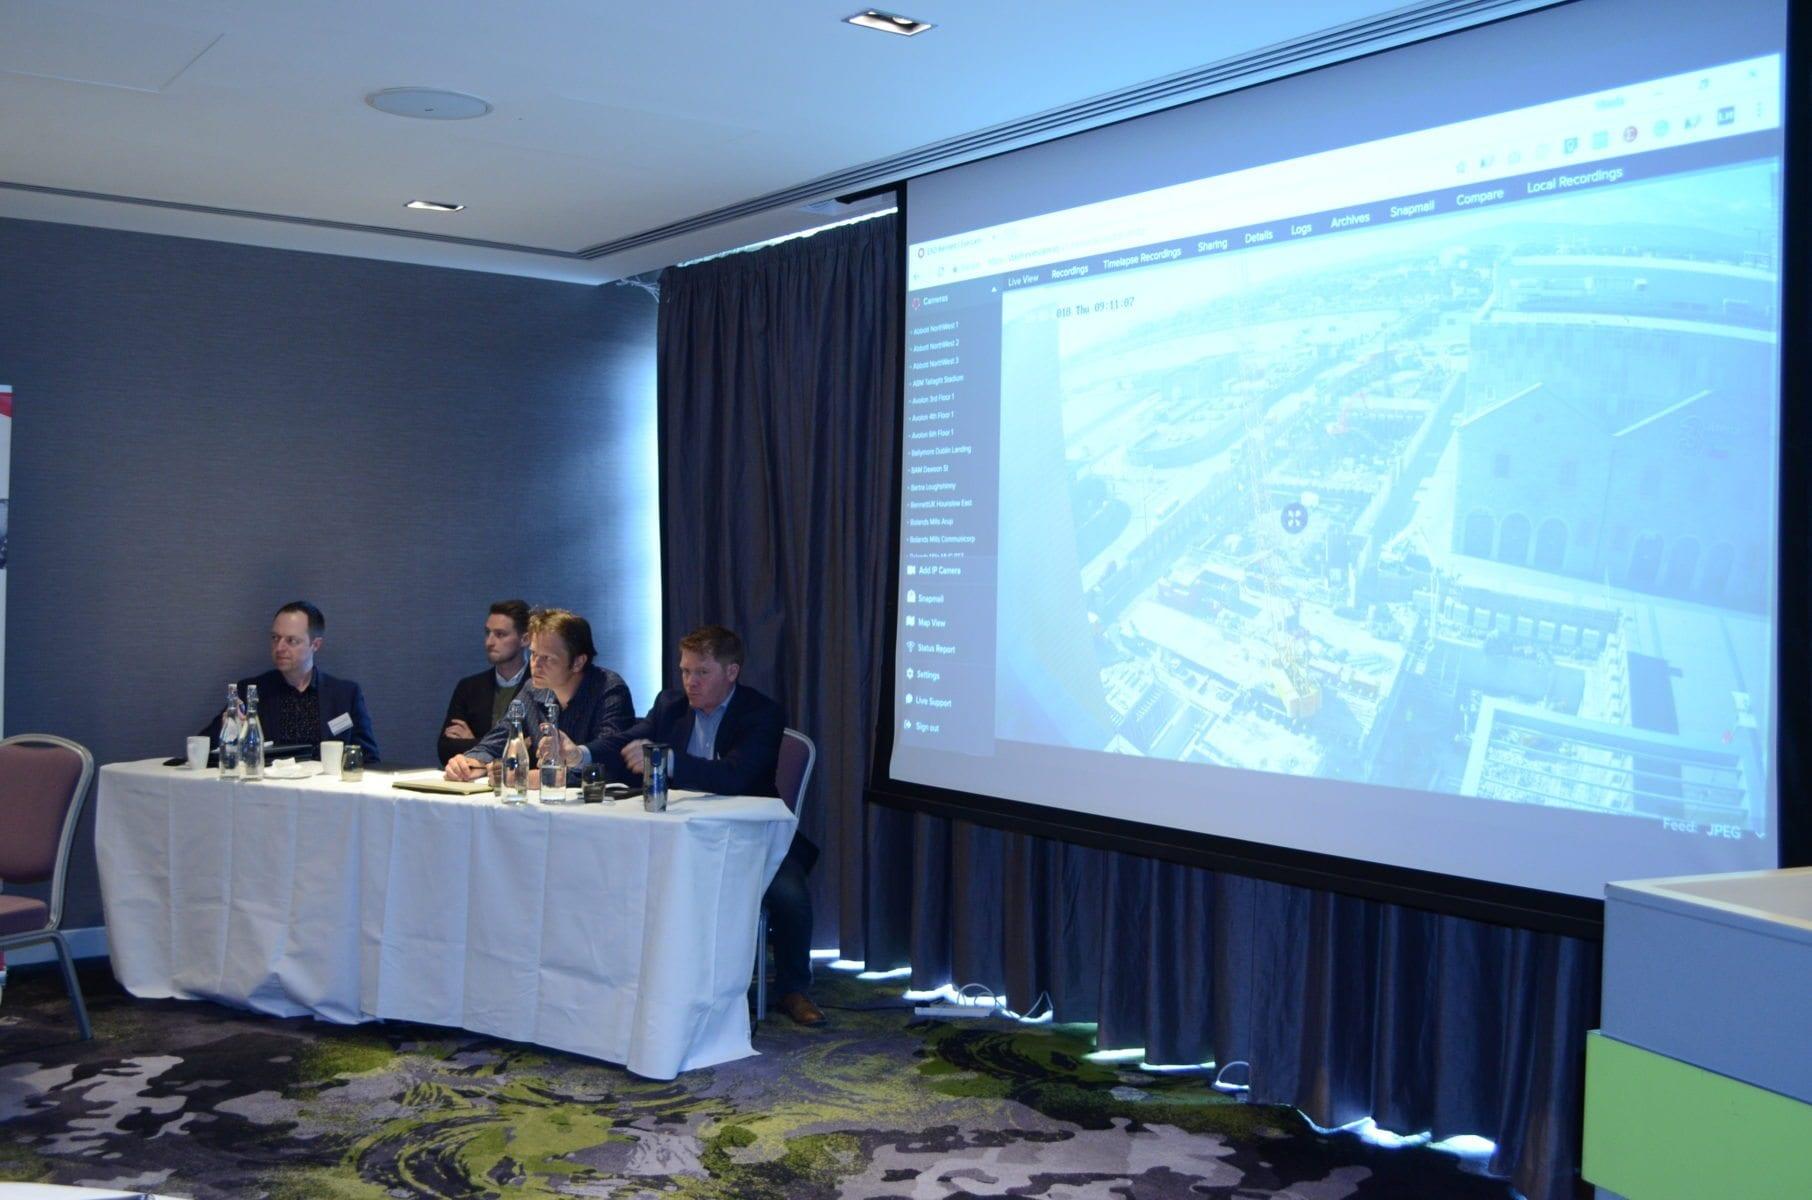 Panel: Michael Guerin, Caoimhin McGovern, Vinnie Quinn, Marco Herbst ...